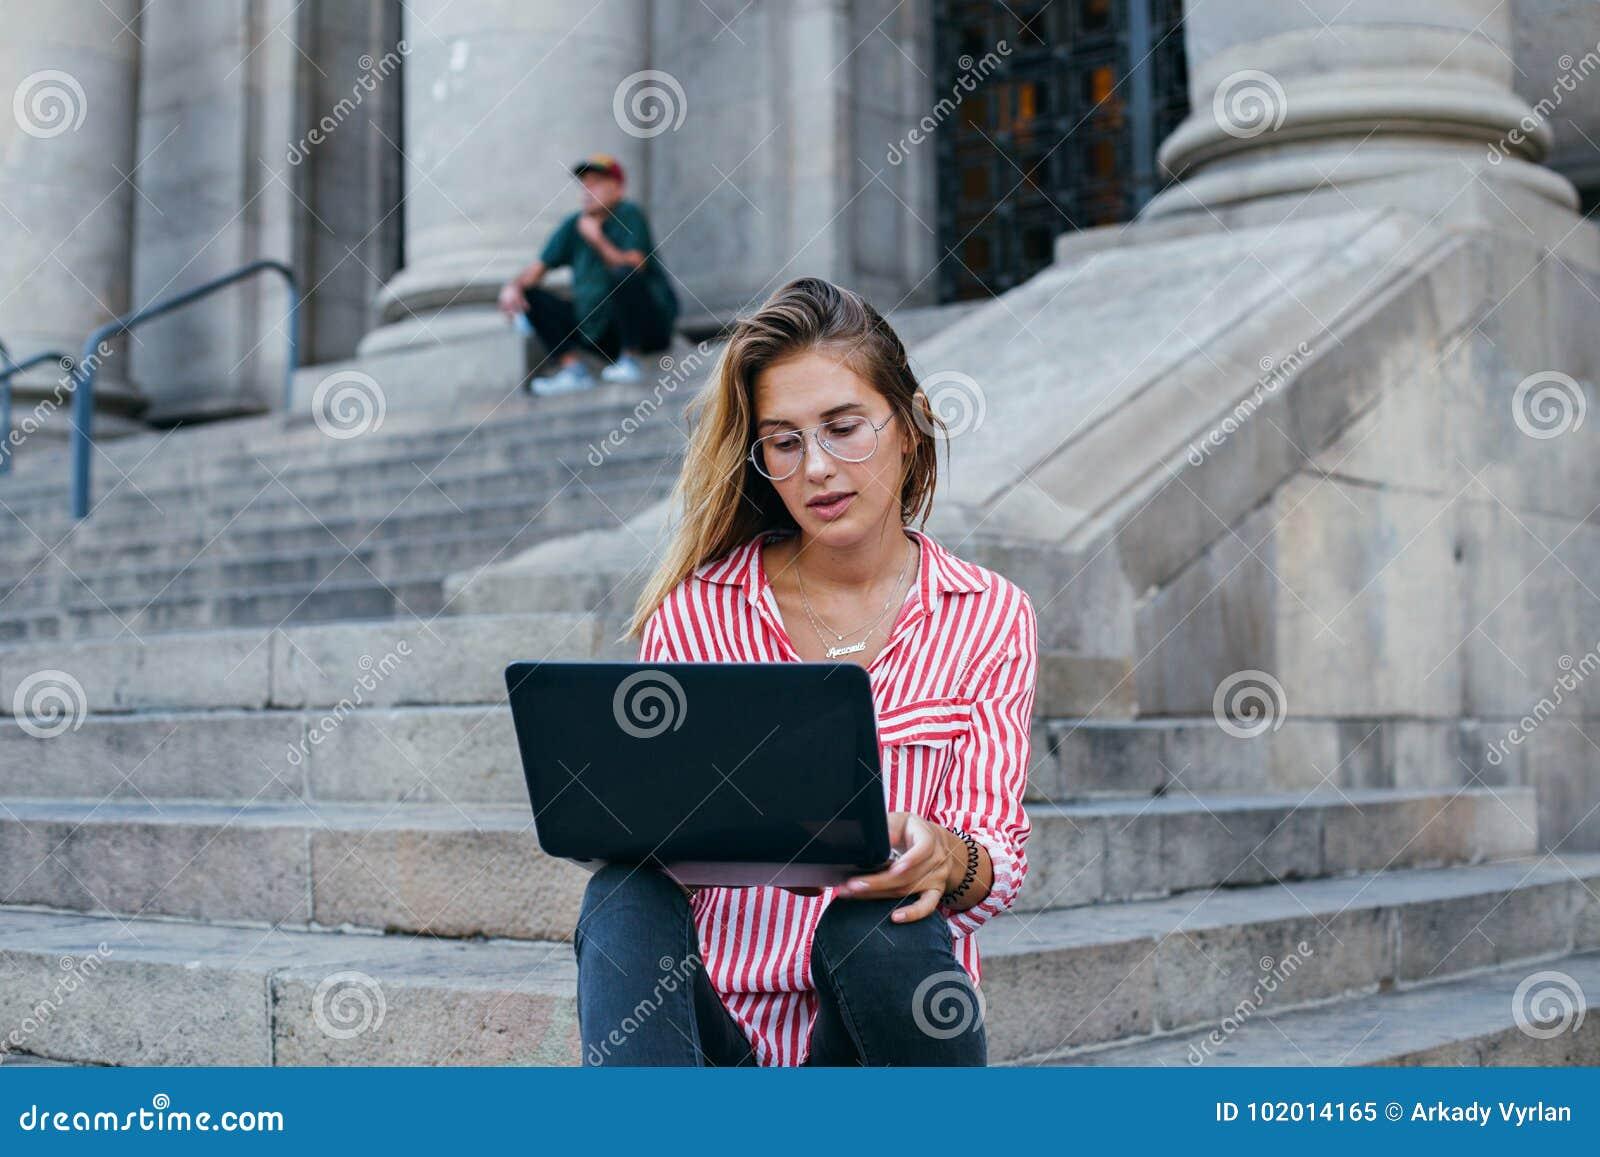 Entzückender hübscher Student sitzt auf Treppe mit Laptop